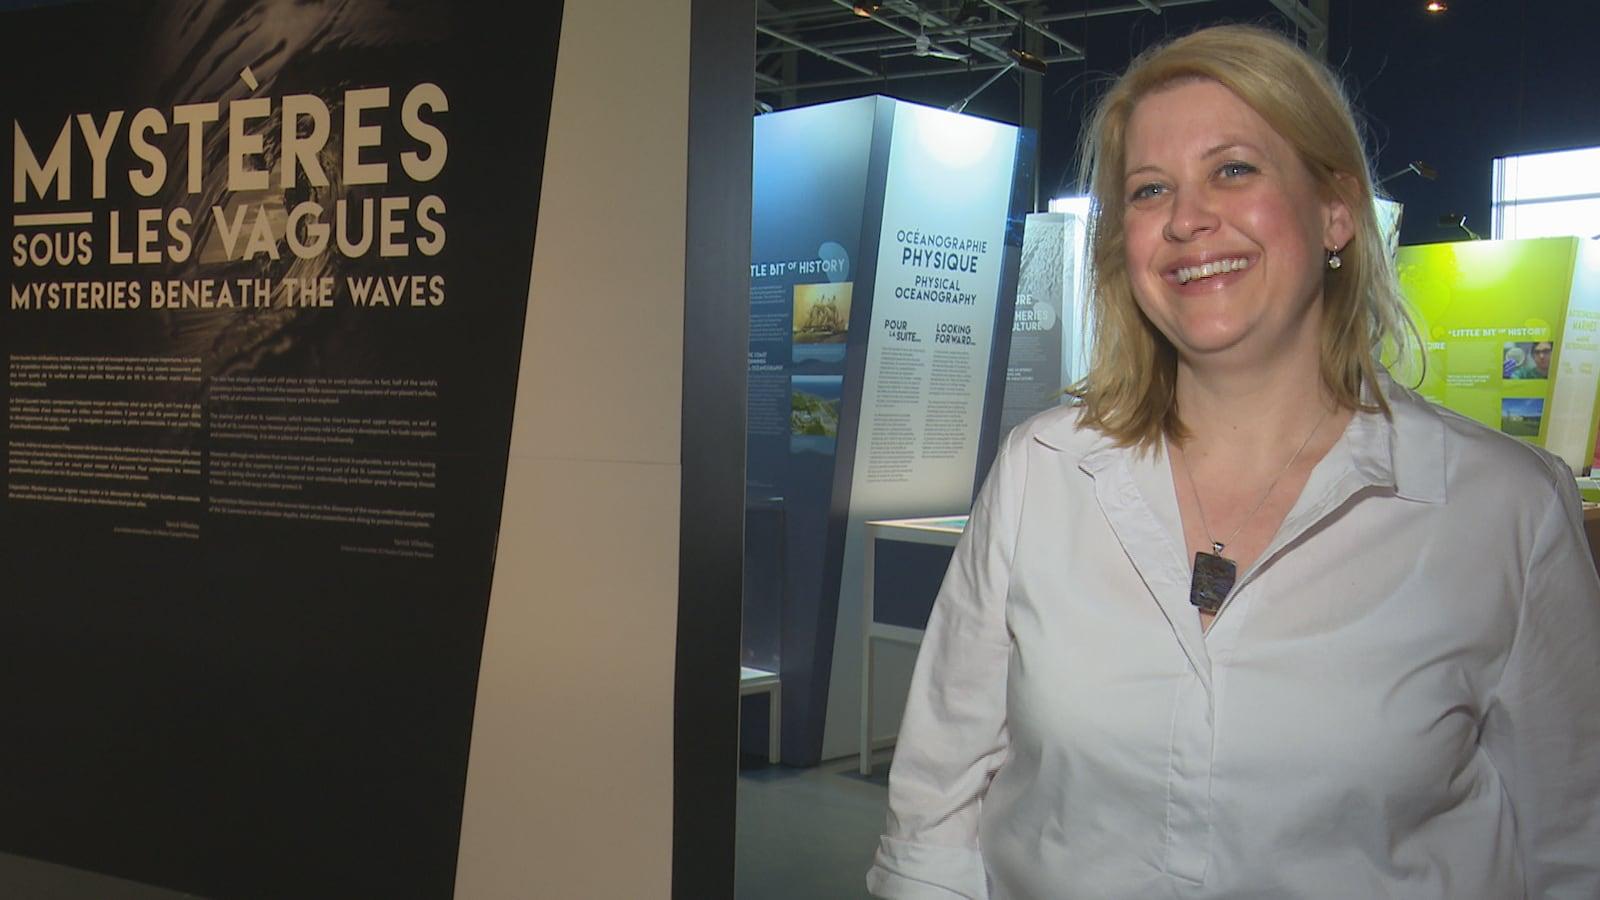 La directrice sourit devant une salle d'exposition du musée.